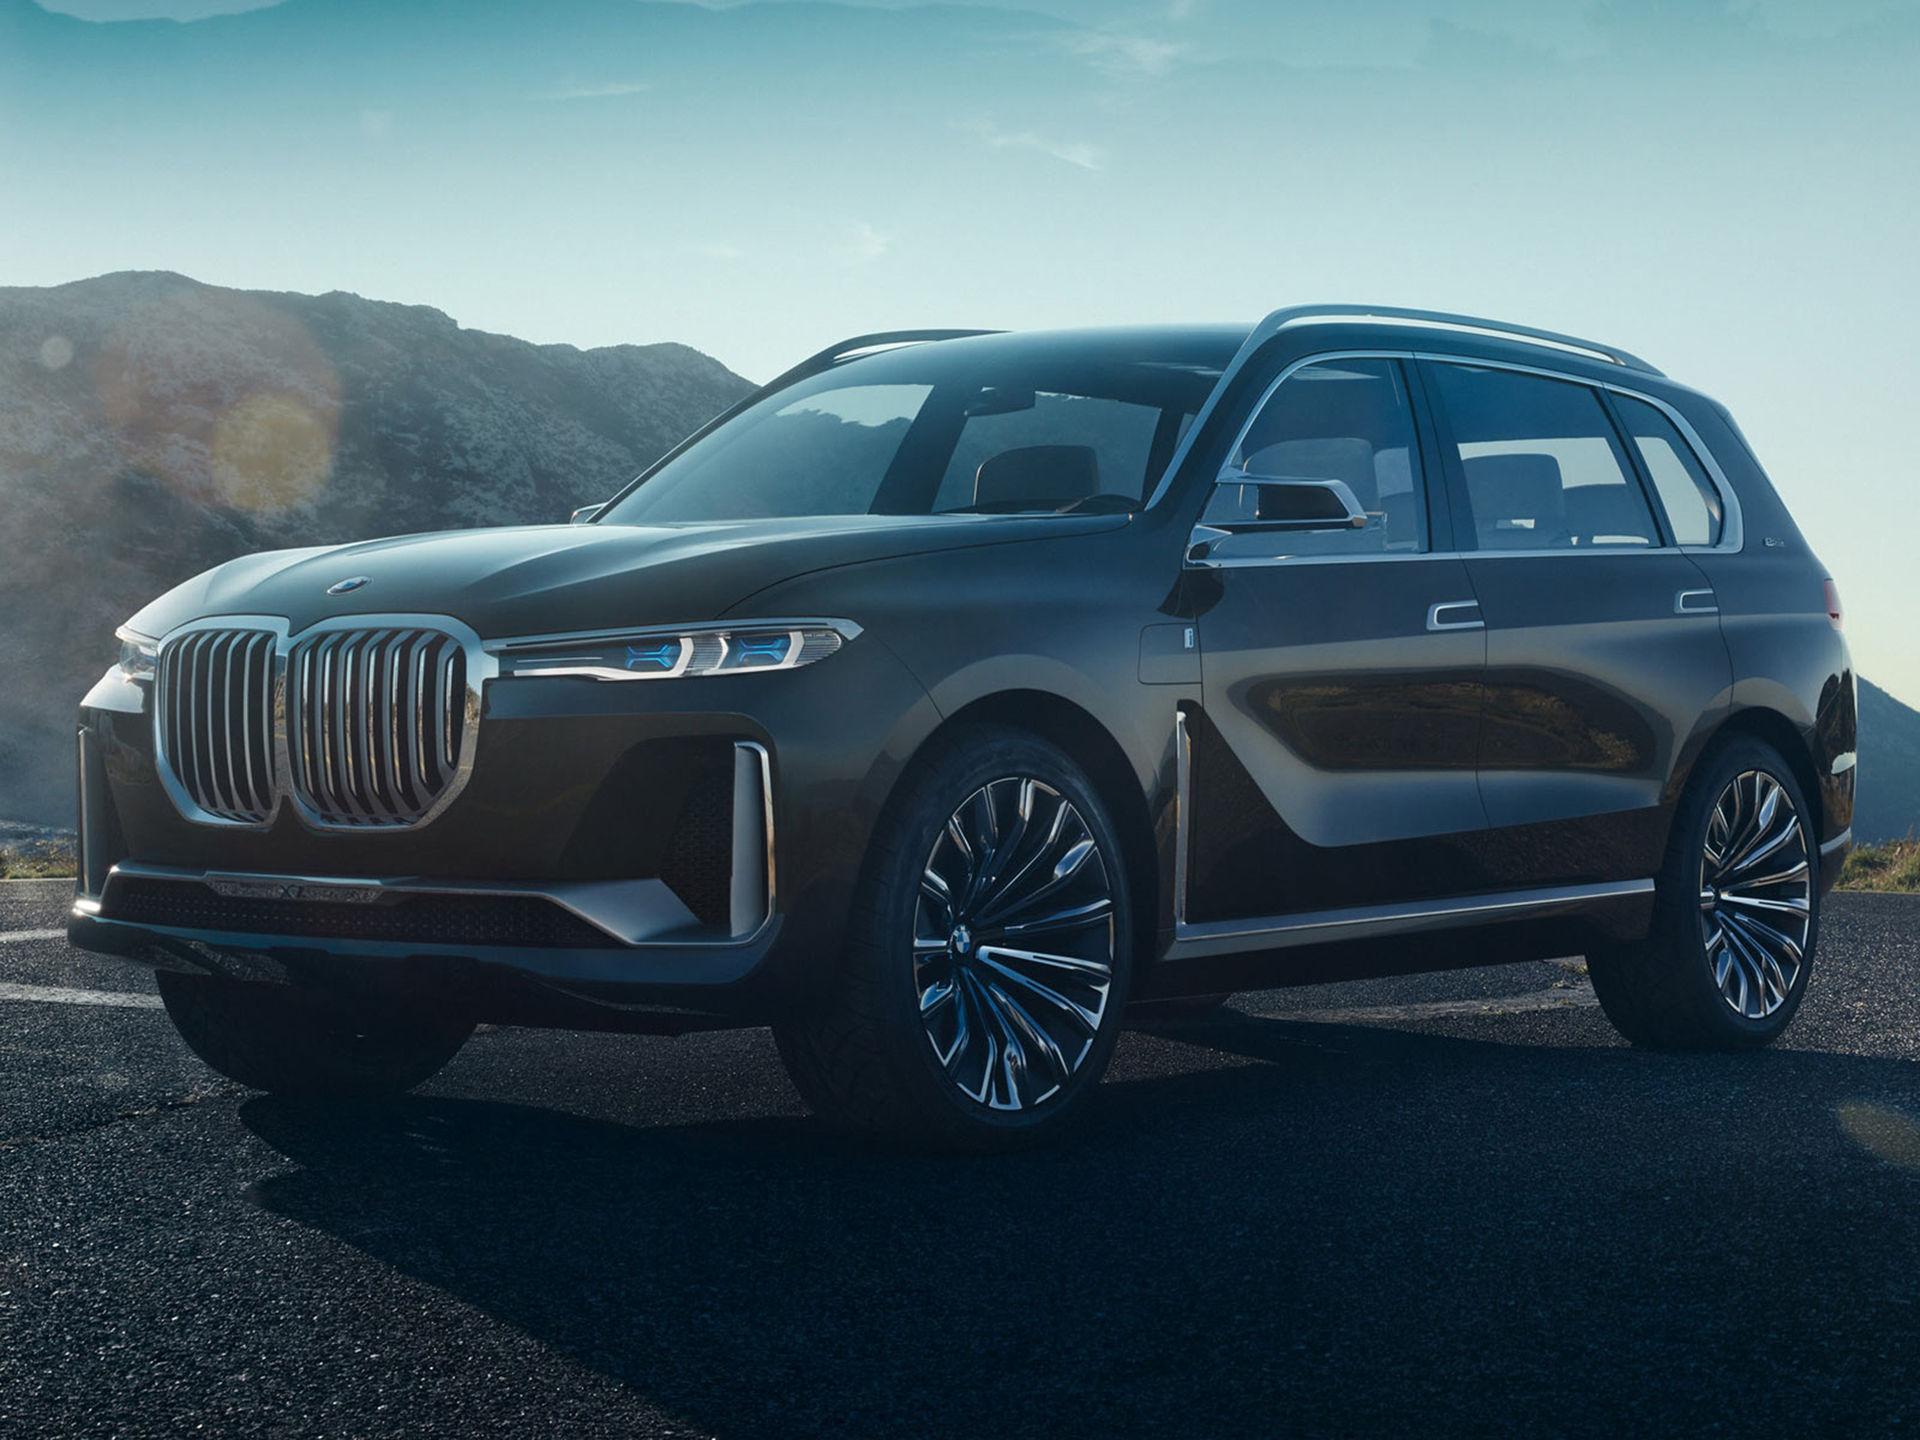 BMW tar med sig bjässe-SUV till Frankfurt